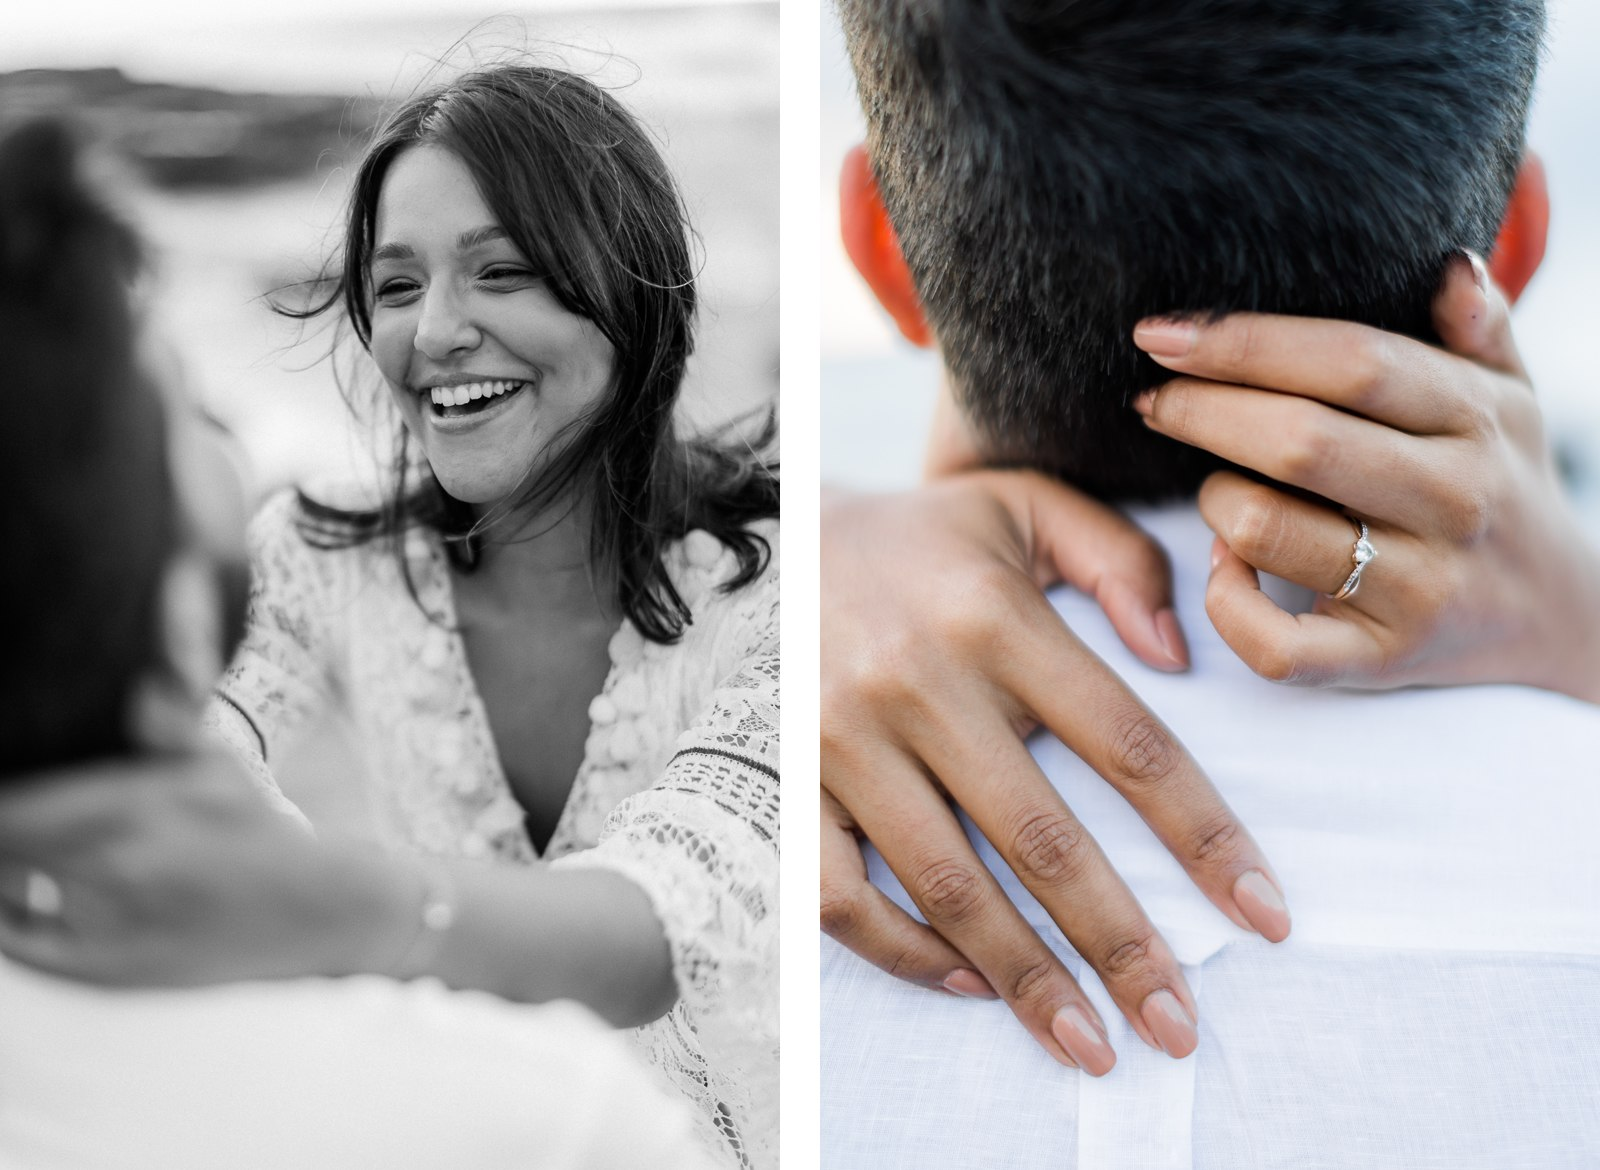 Photographie de Mathieu Dété, photographe de mariage et de couple à Saint-Pierre sur l'île de la Réunion 974, présentant les détails de l'alliance sur les mains d'une femme